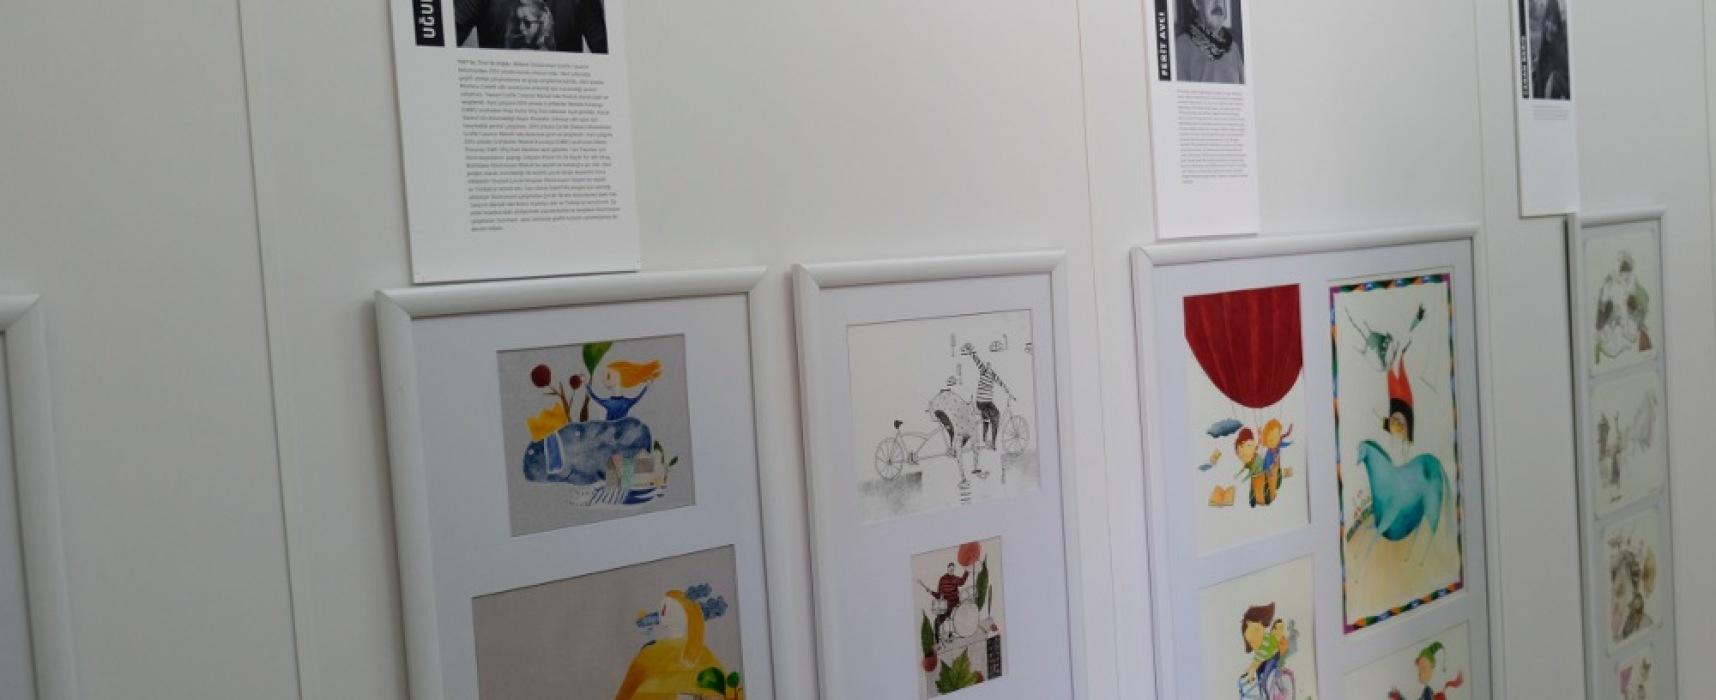 Çocuk dünyasının ressamları müzelerine kavuştu